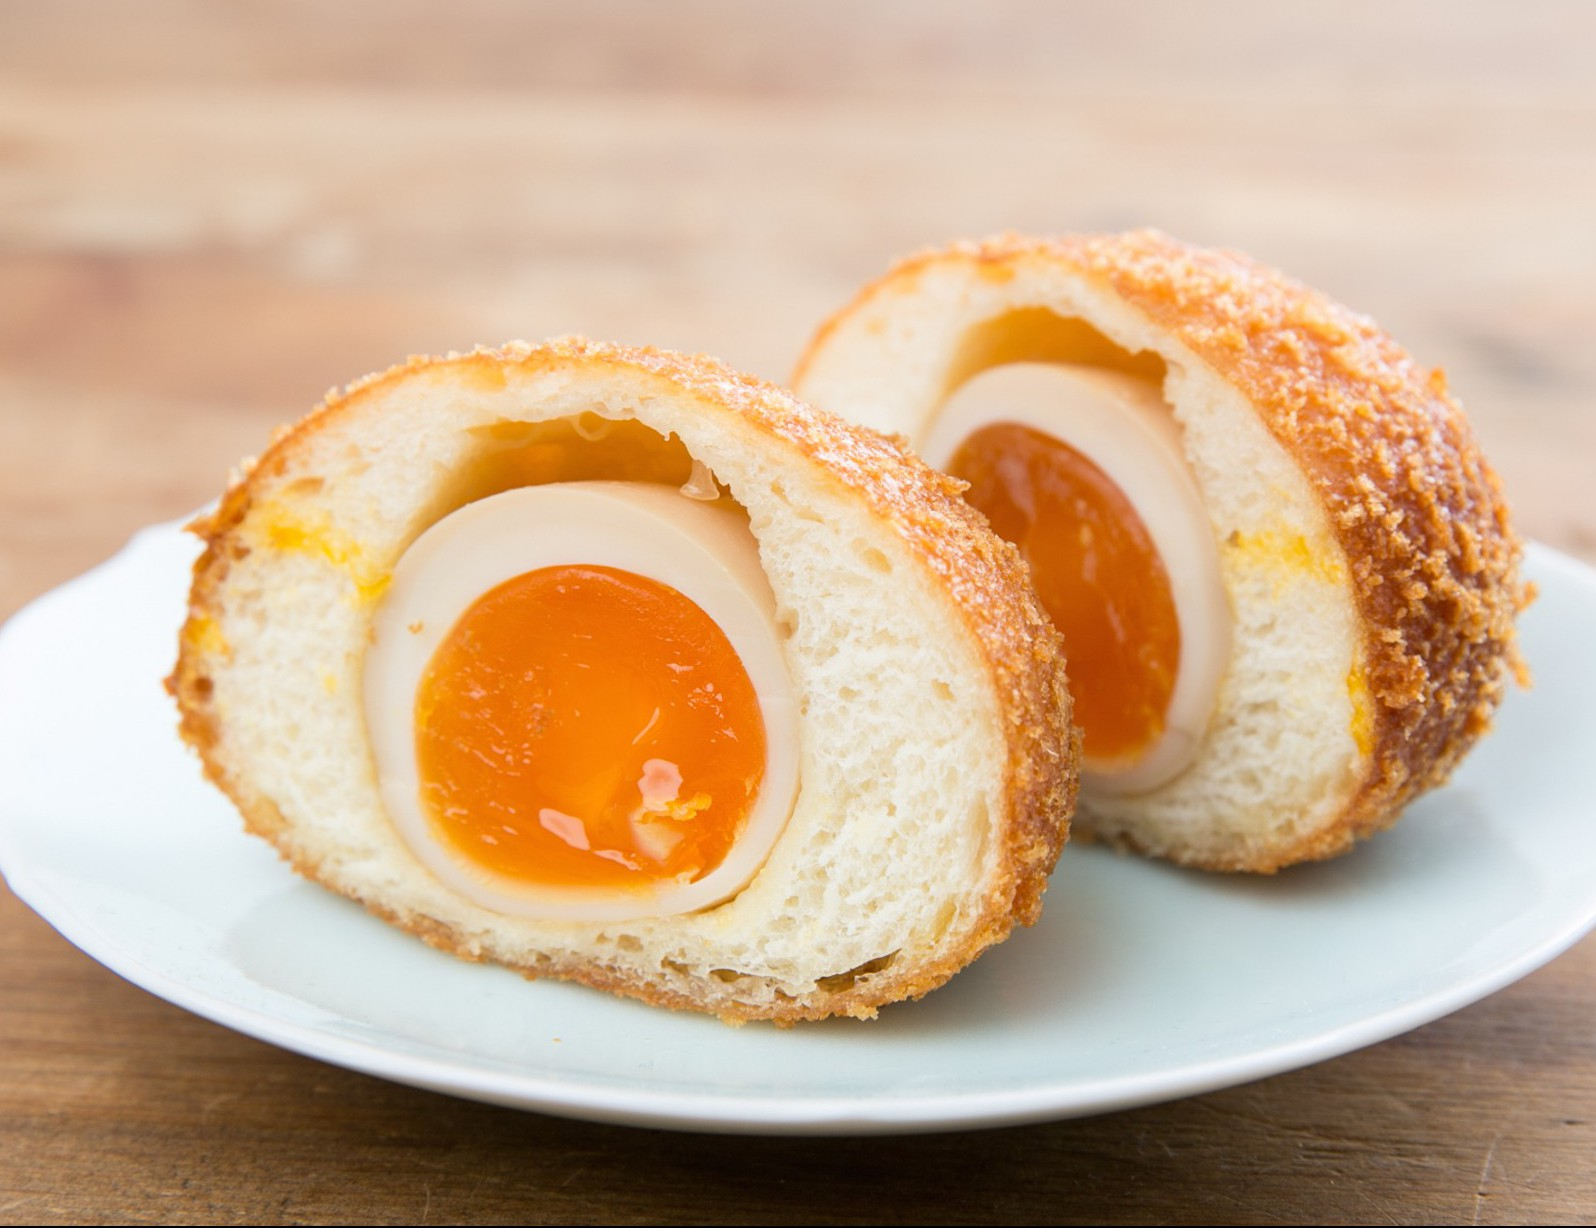 お目当ての「煮卵パン」は150円。昼過ぎに売り切れることもあるのでお早めに!